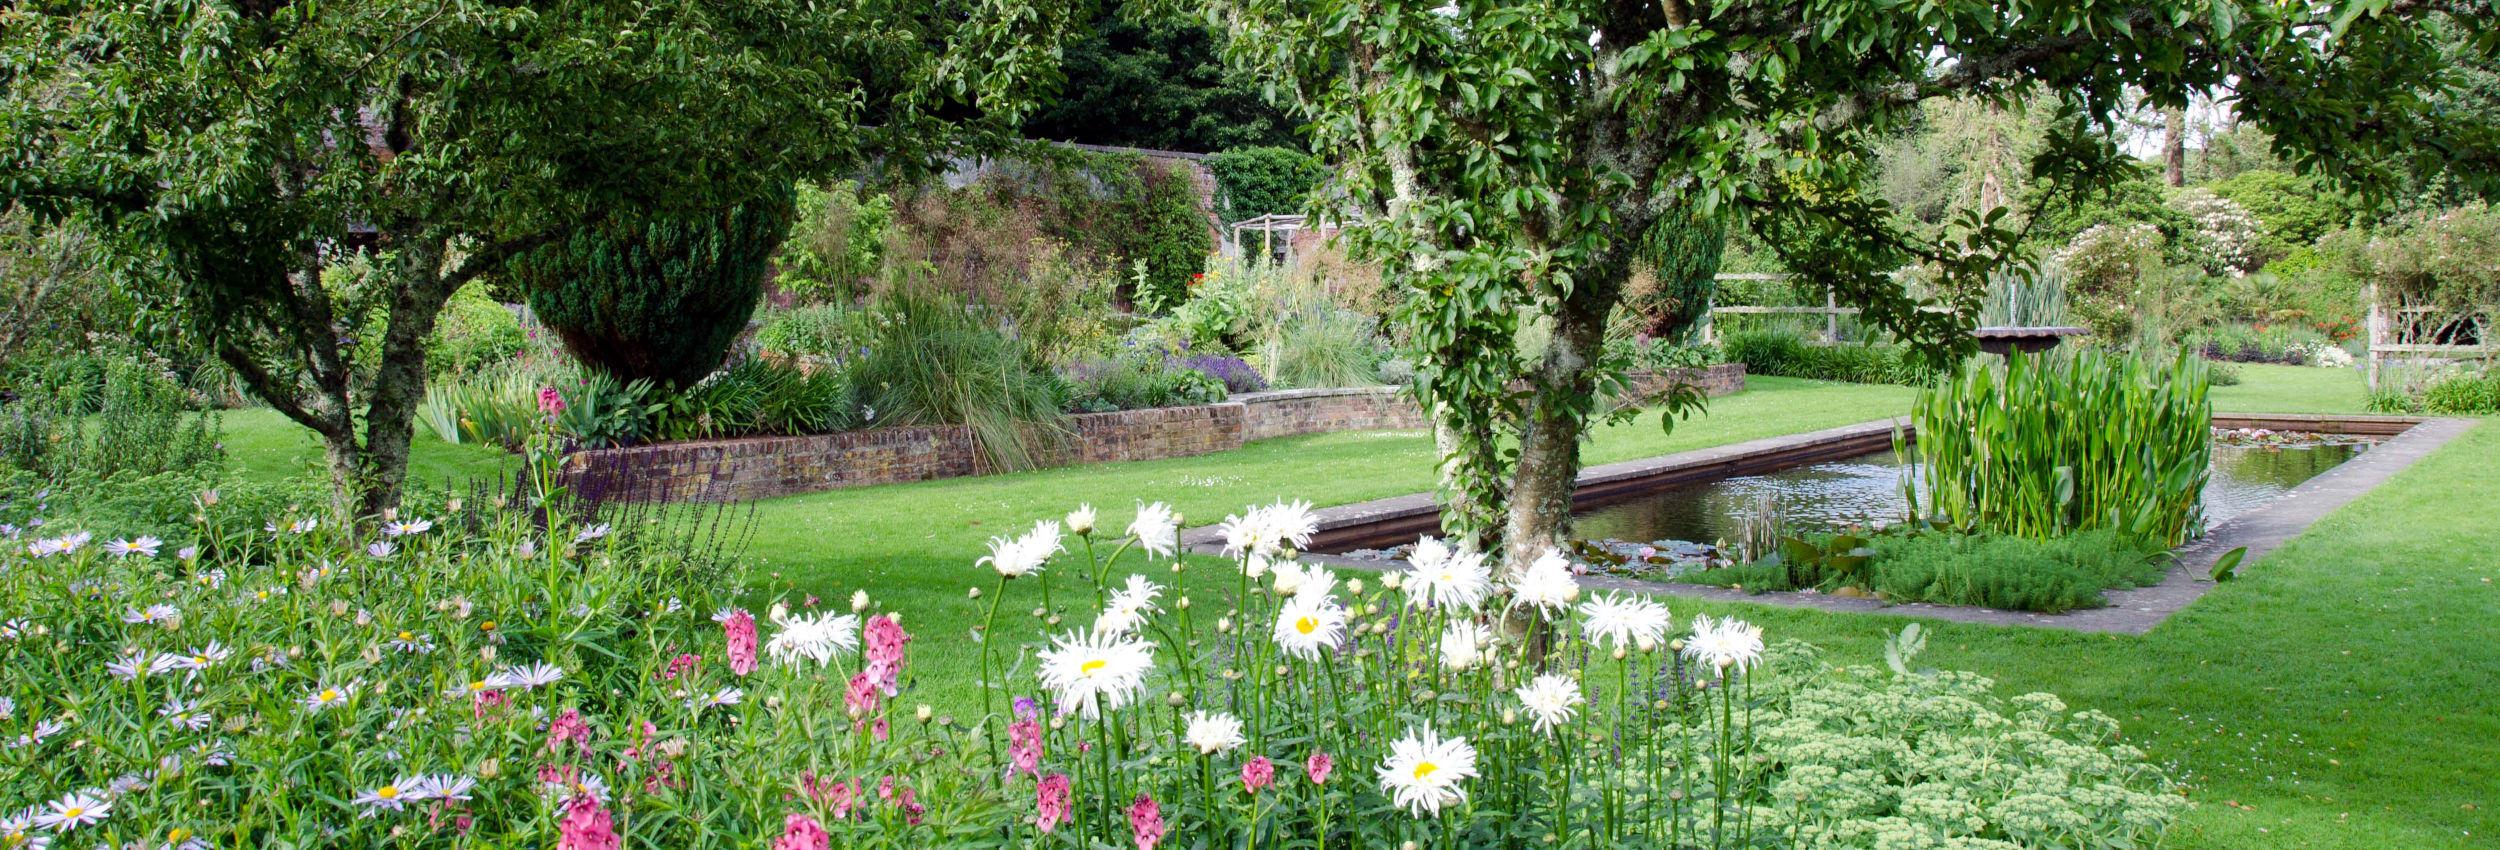 garden-banner-08